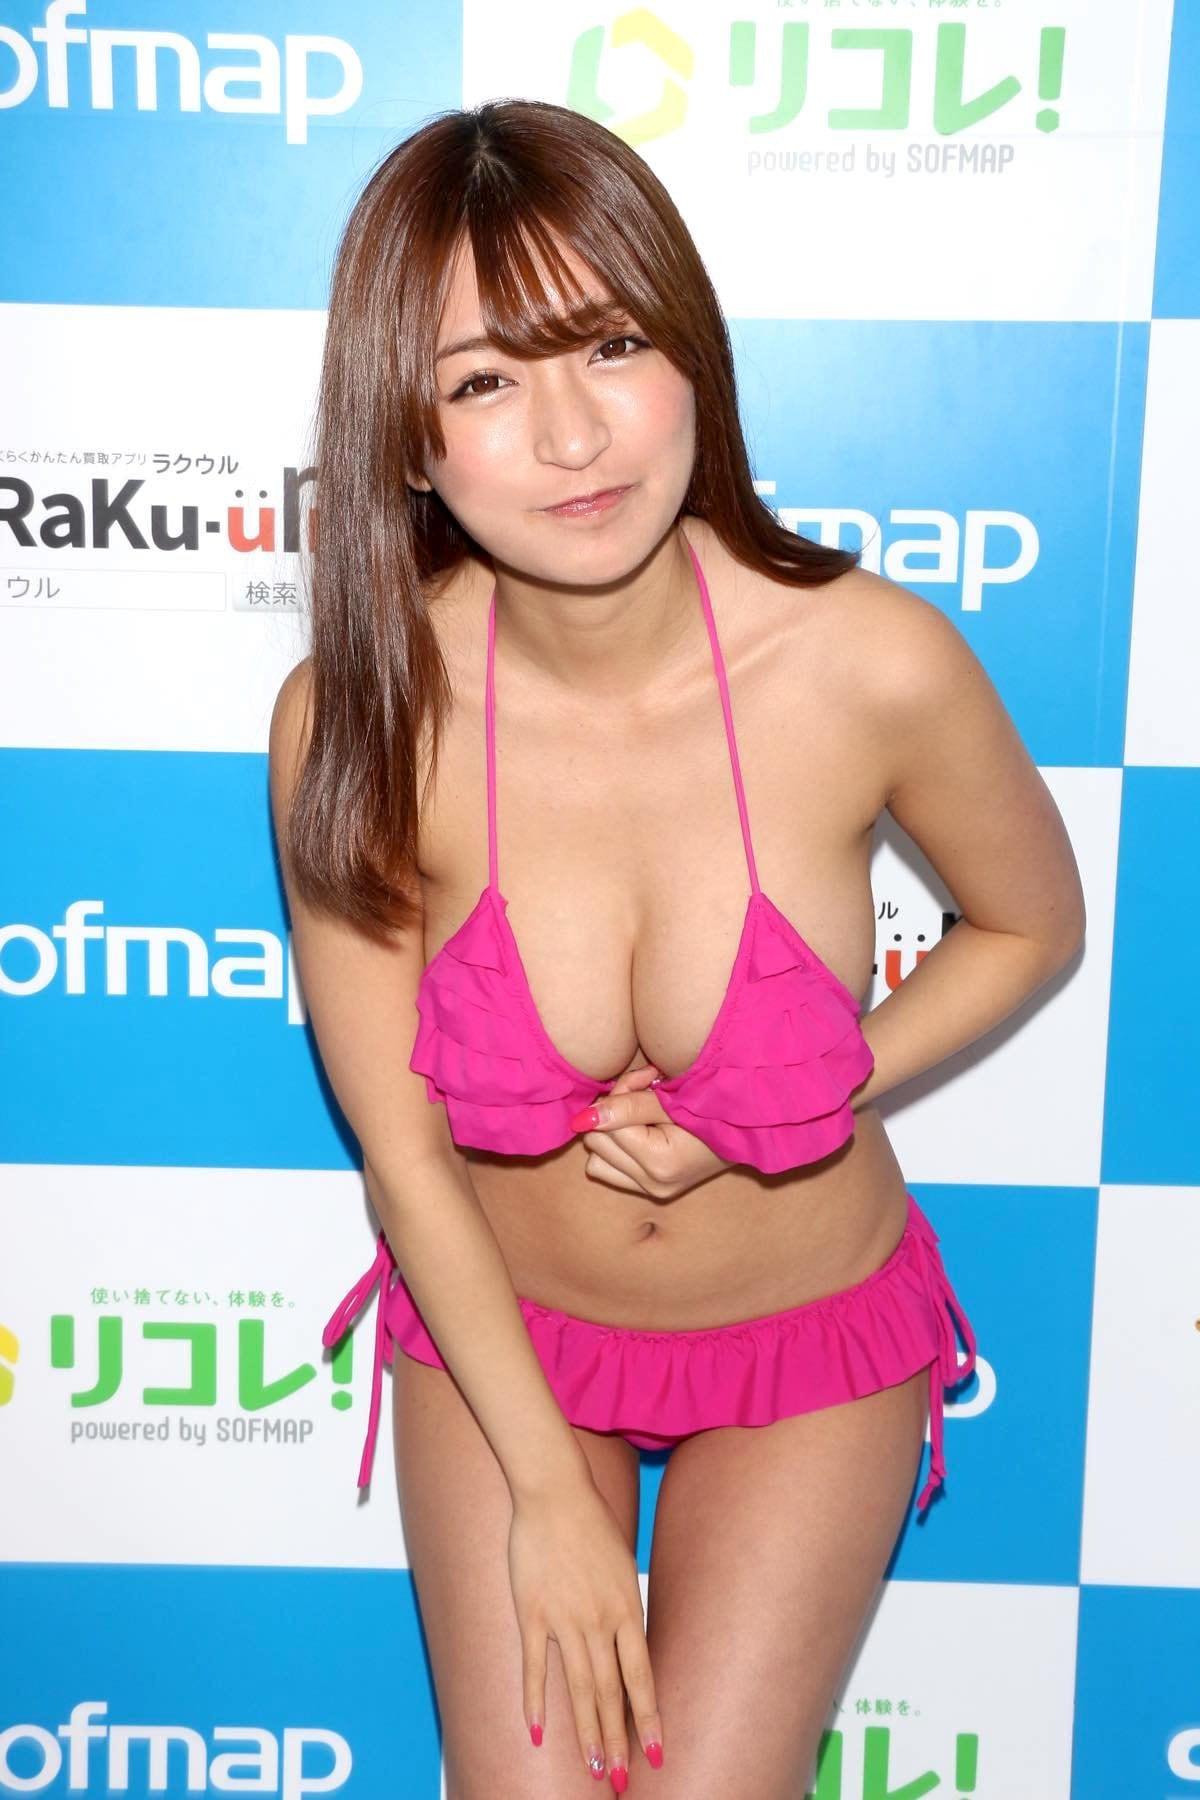 ☆HOSHINO「シャツがどんどん透けちゃう」エプロンはほぼ裸!【写真35枚】の画像018